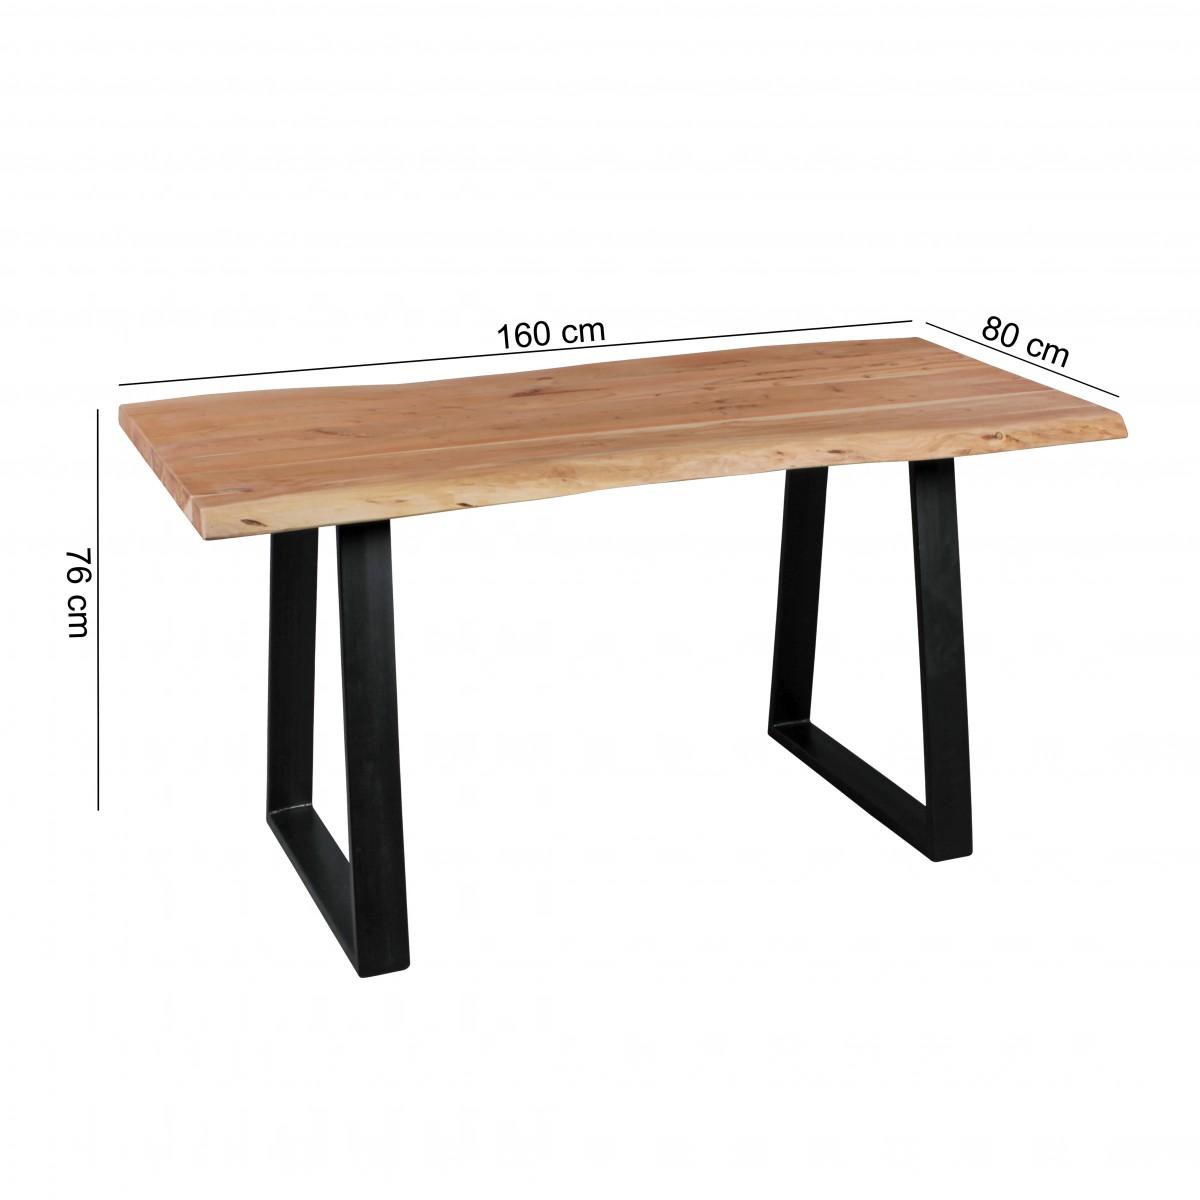 Jídelní stůl Gaya, 160 cm, masiv akát